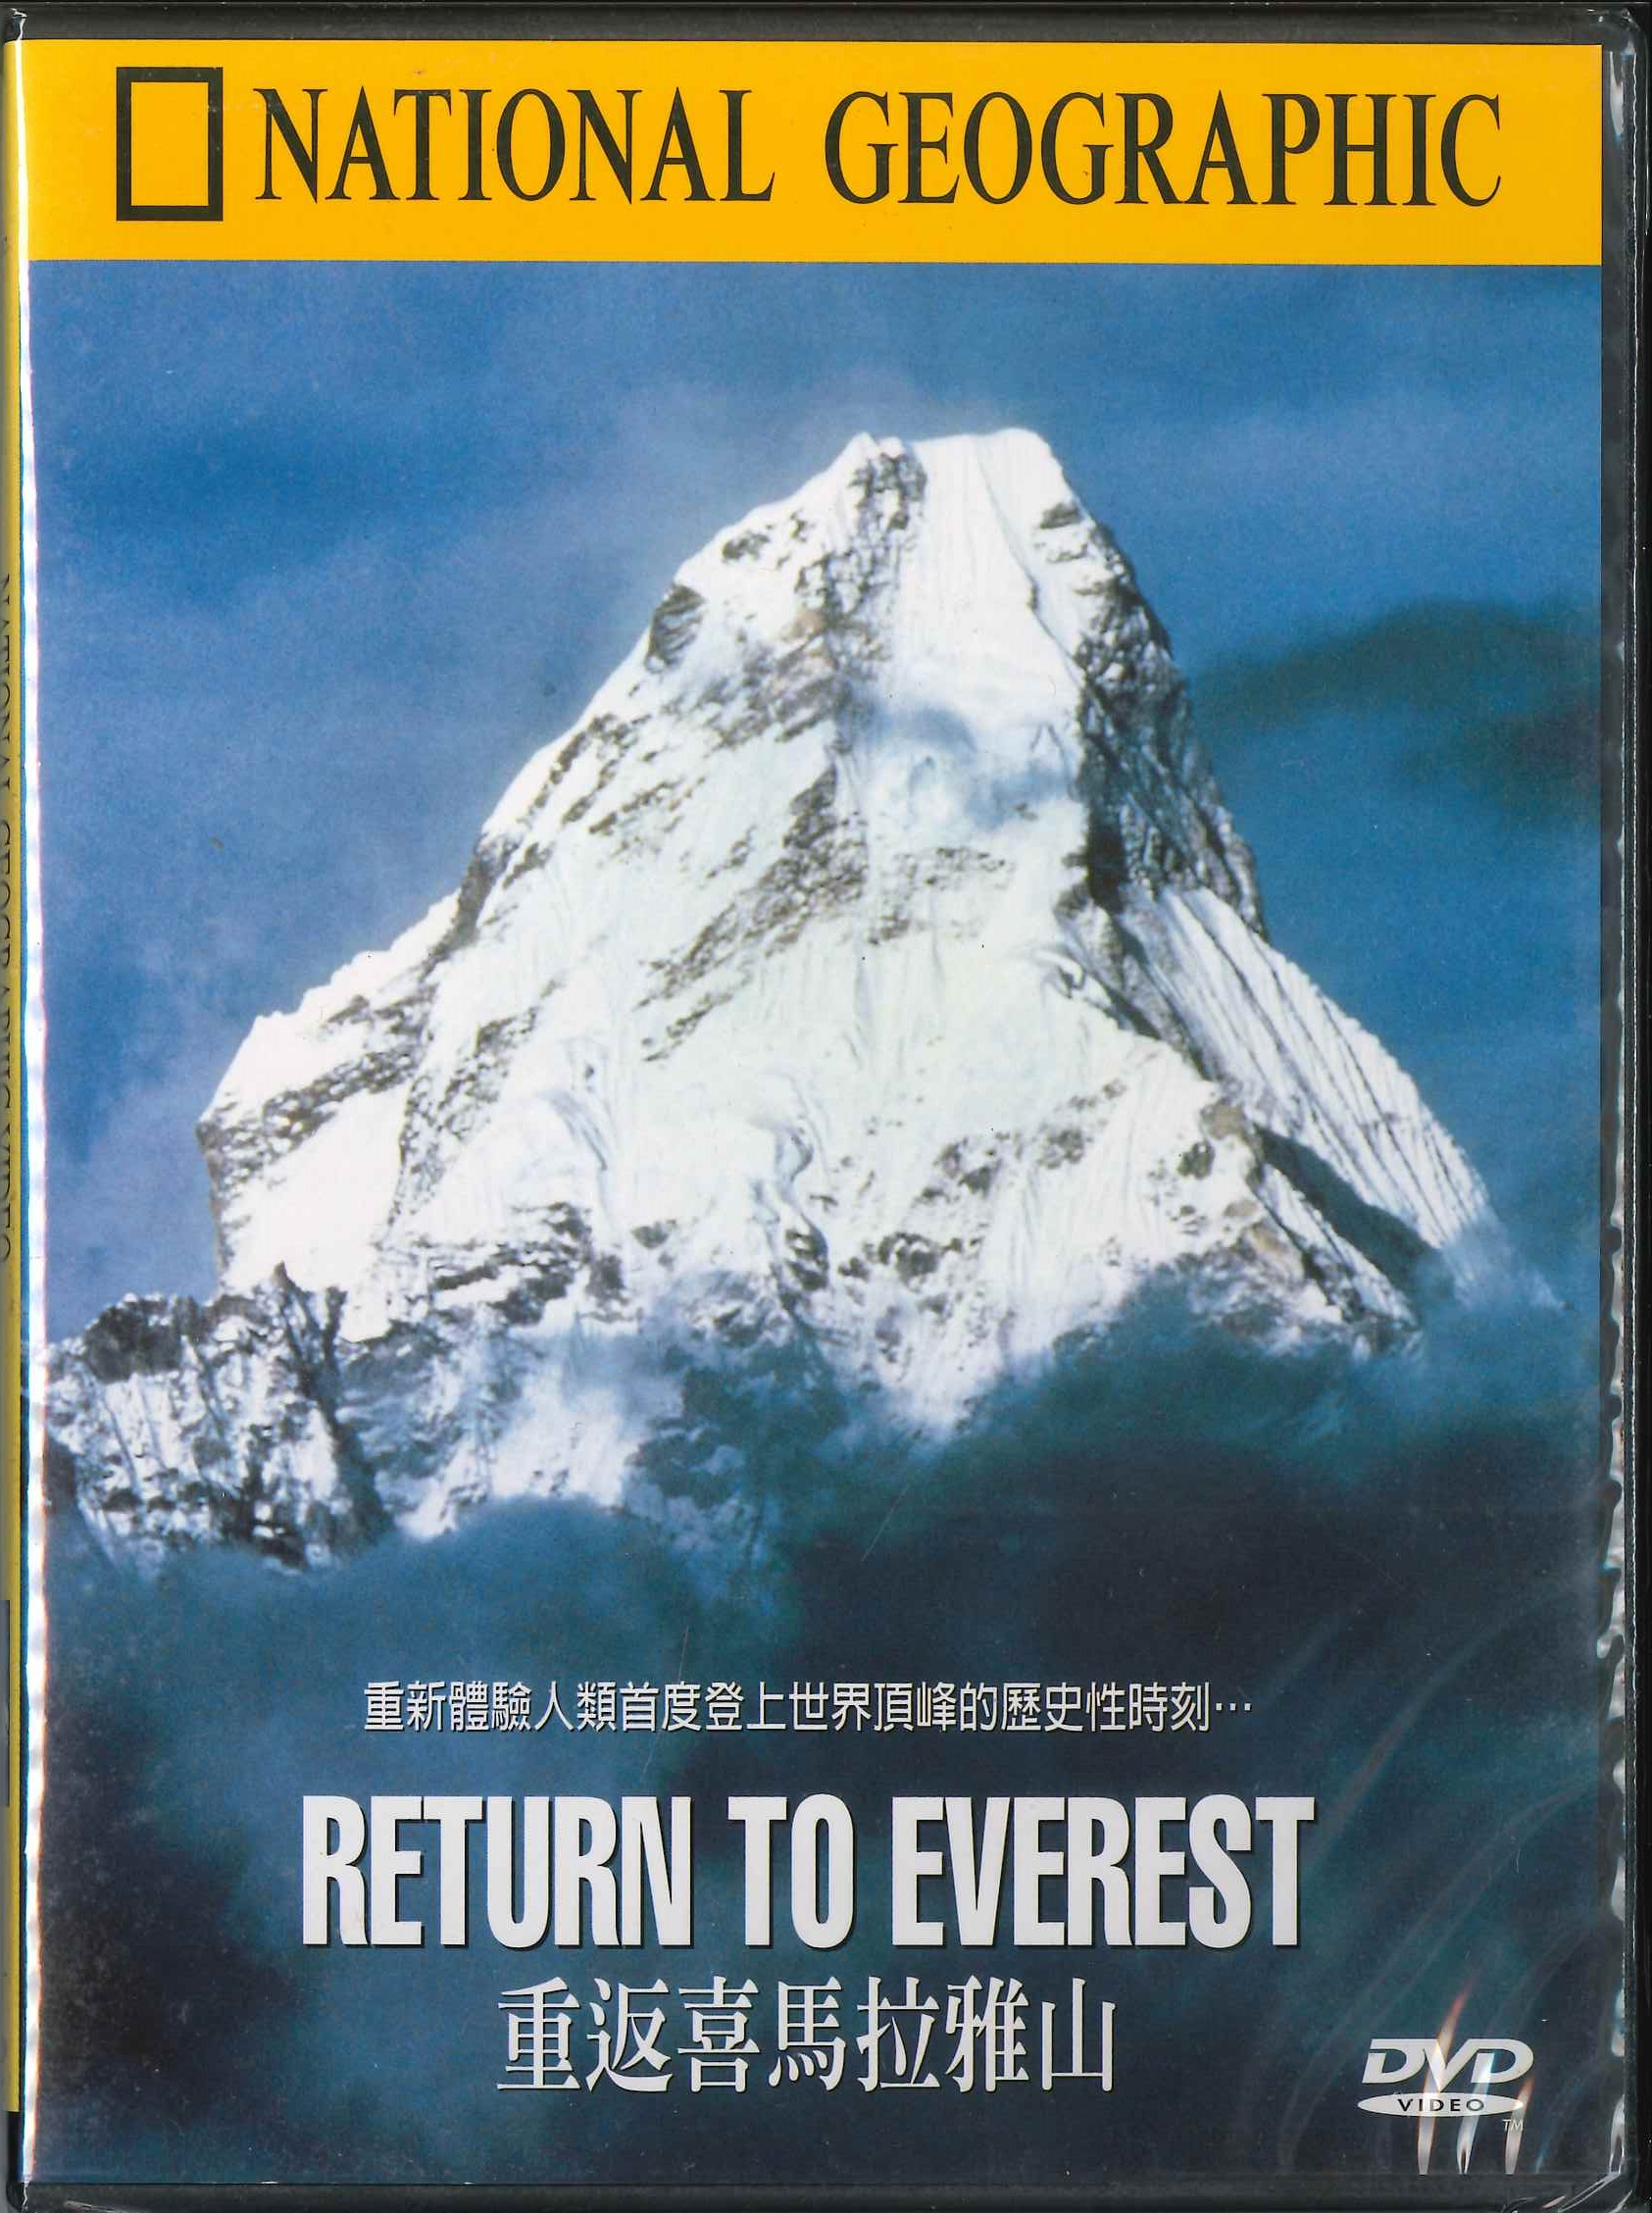 重返喜馬拉雅山 [錄影資料]=Return to Everest